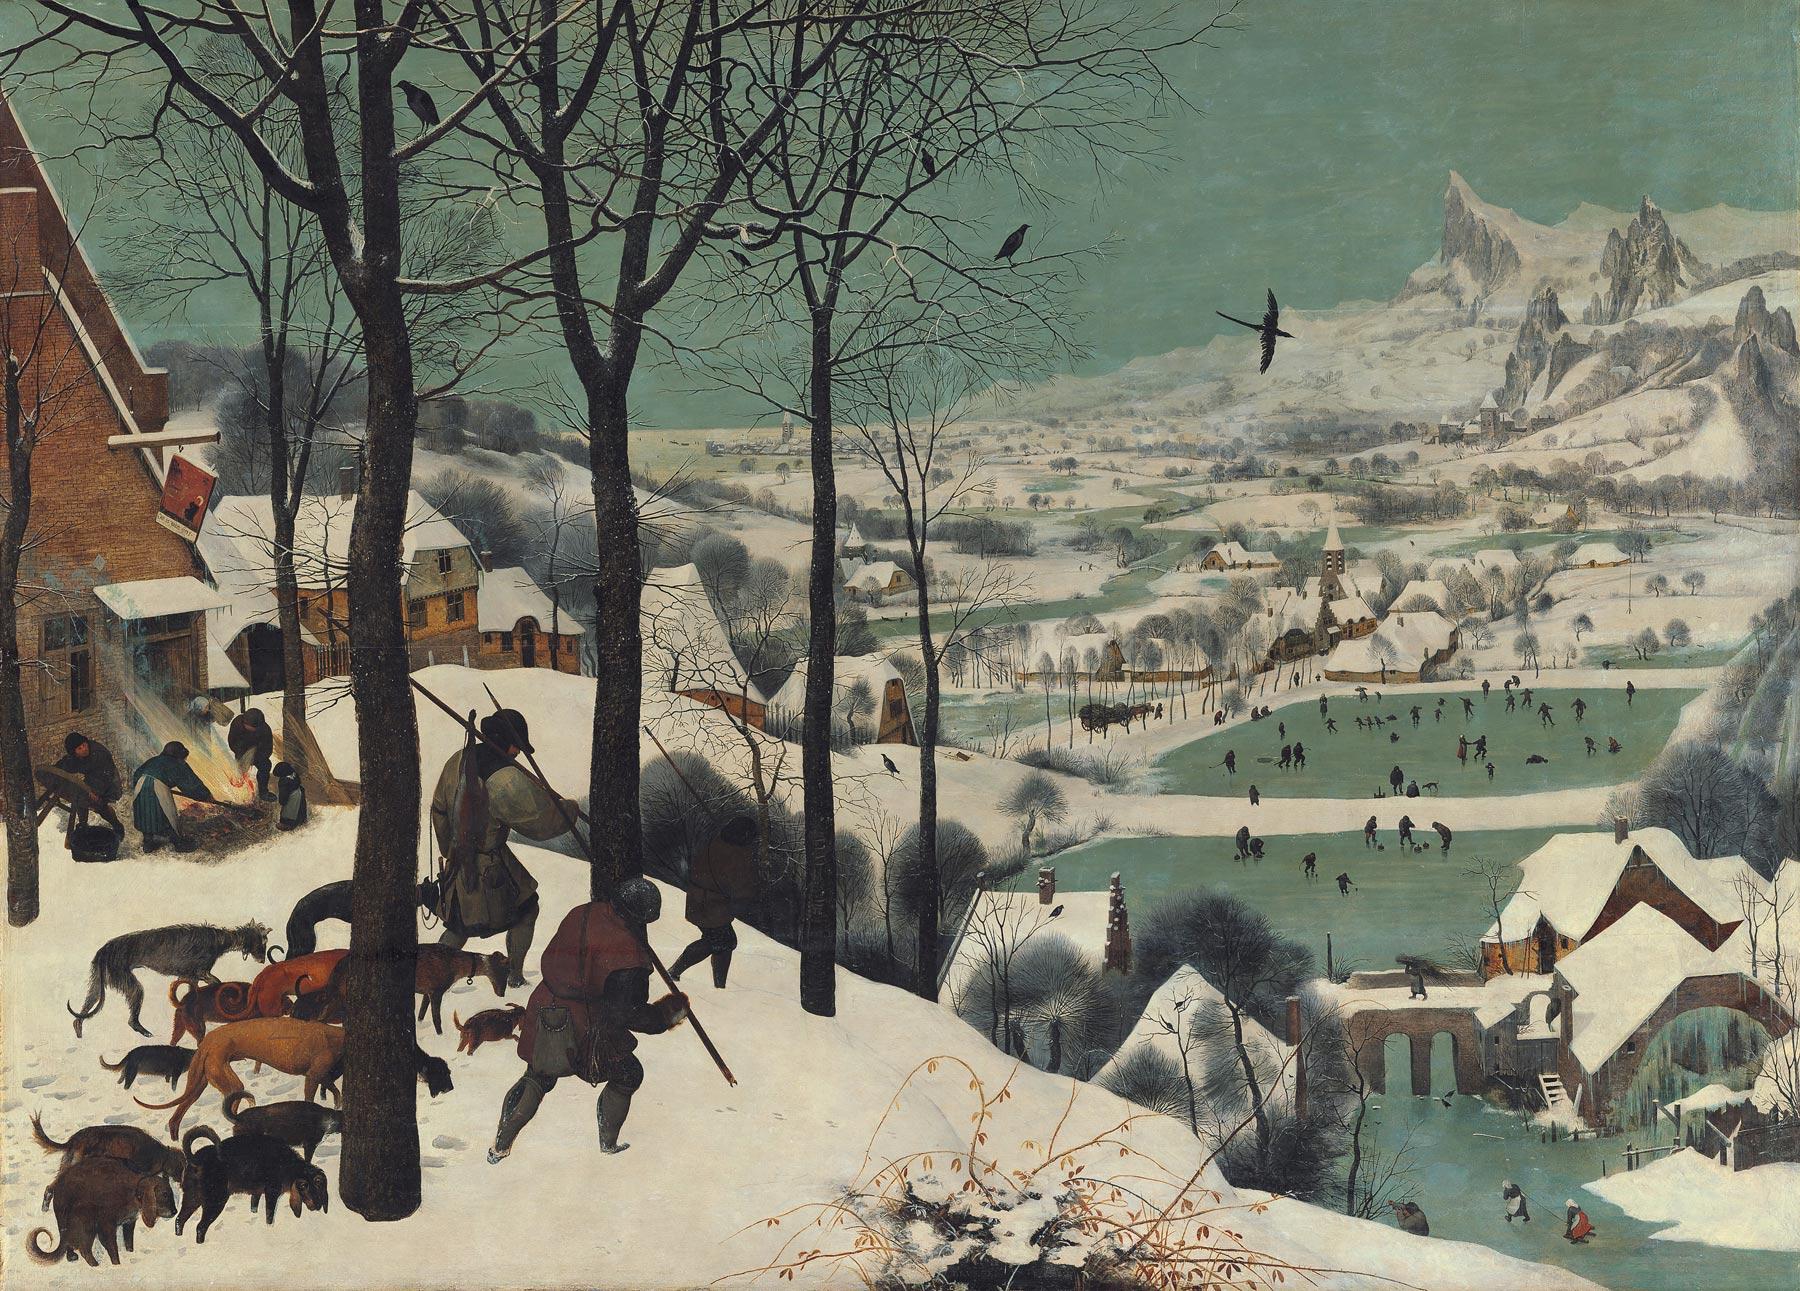 Pieter Bruegel, Cacciatori nella neve (1565; olio su tavola, 116,5 x 162 cm; Vienna, Kunsthistorisches Museum)